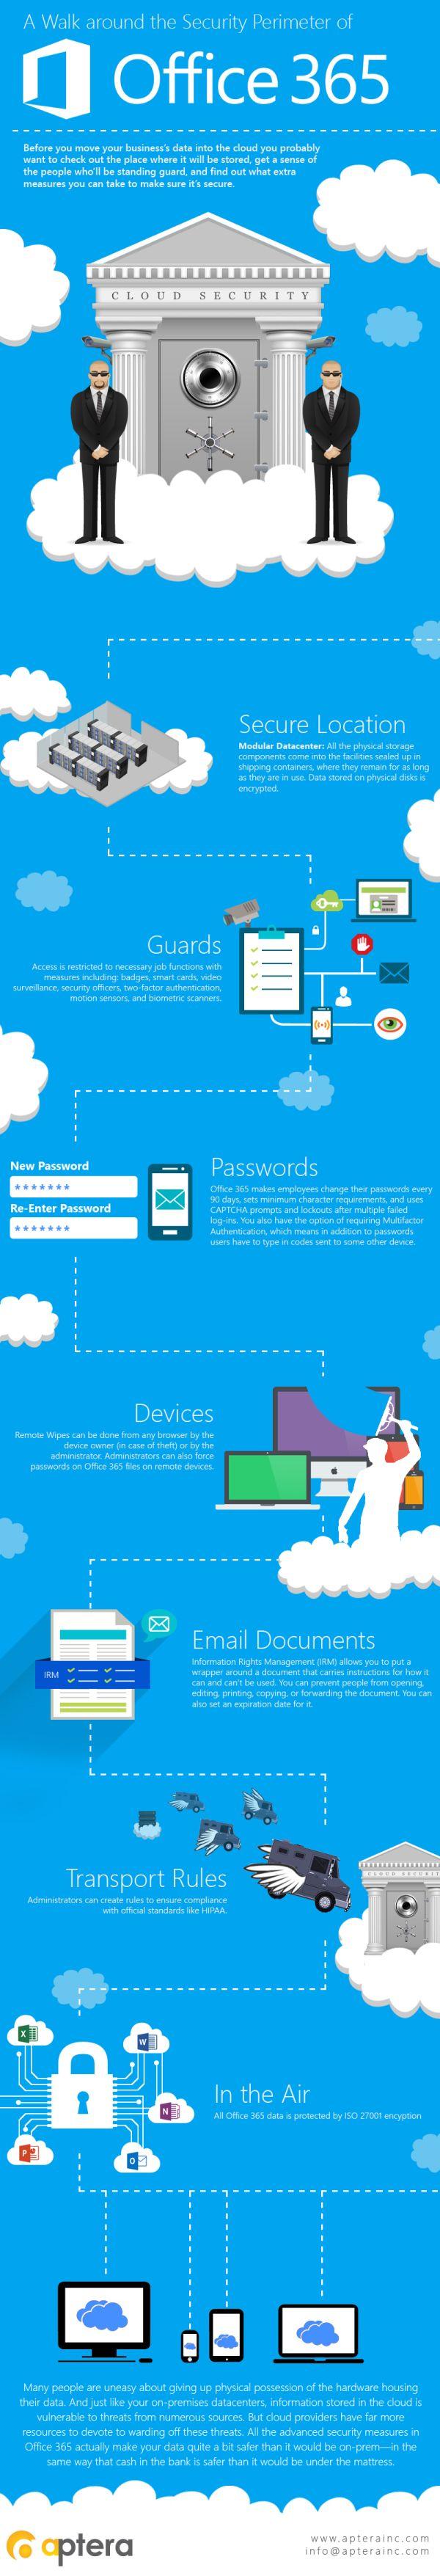 Seguridad en Office 365